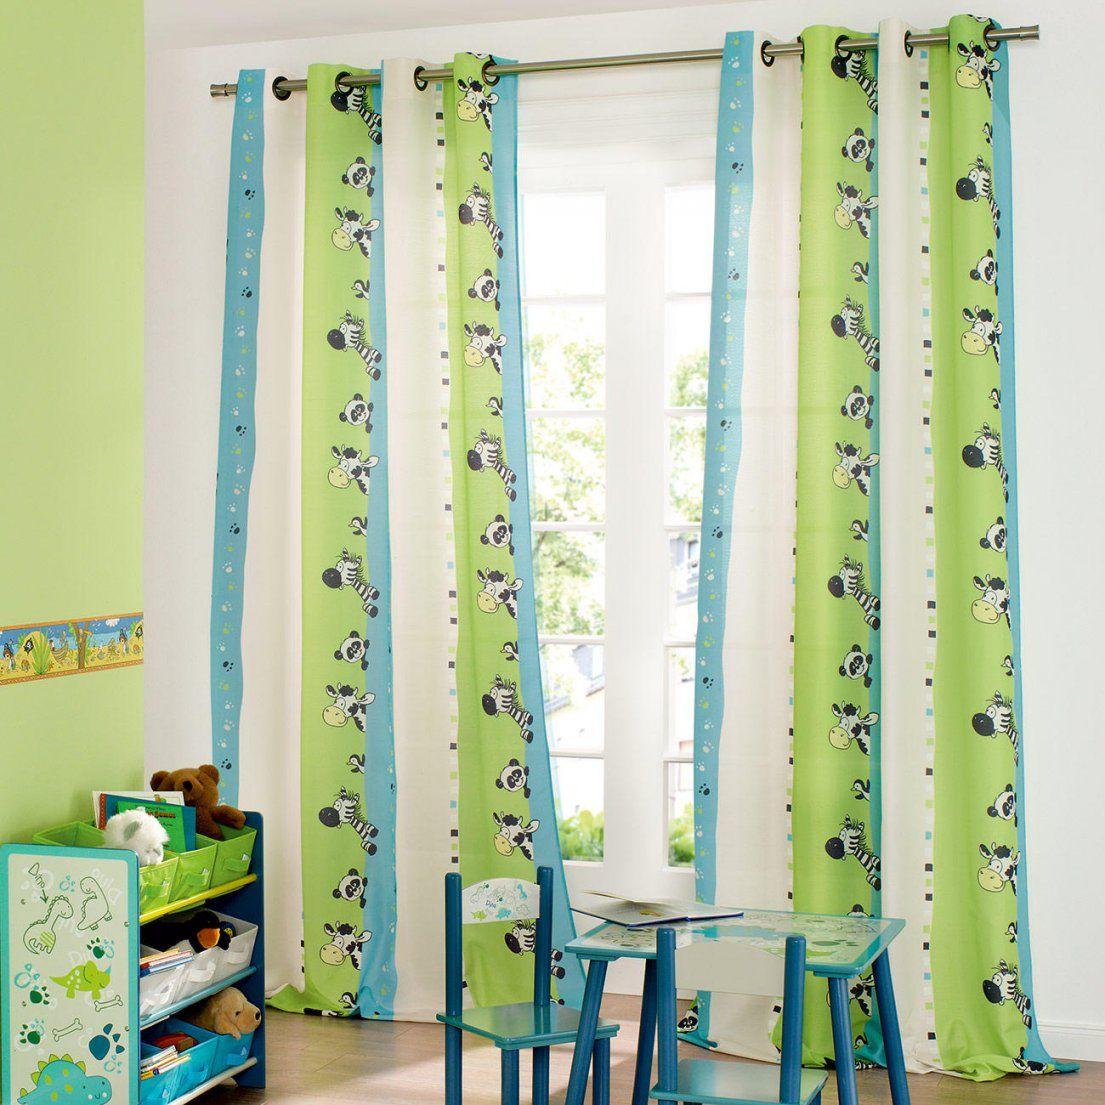 Ideen Vorhang Kinderzimmer Grün Und Herausragende Zebre 1 3 Jahre von Pro Idee Gardinen Photo